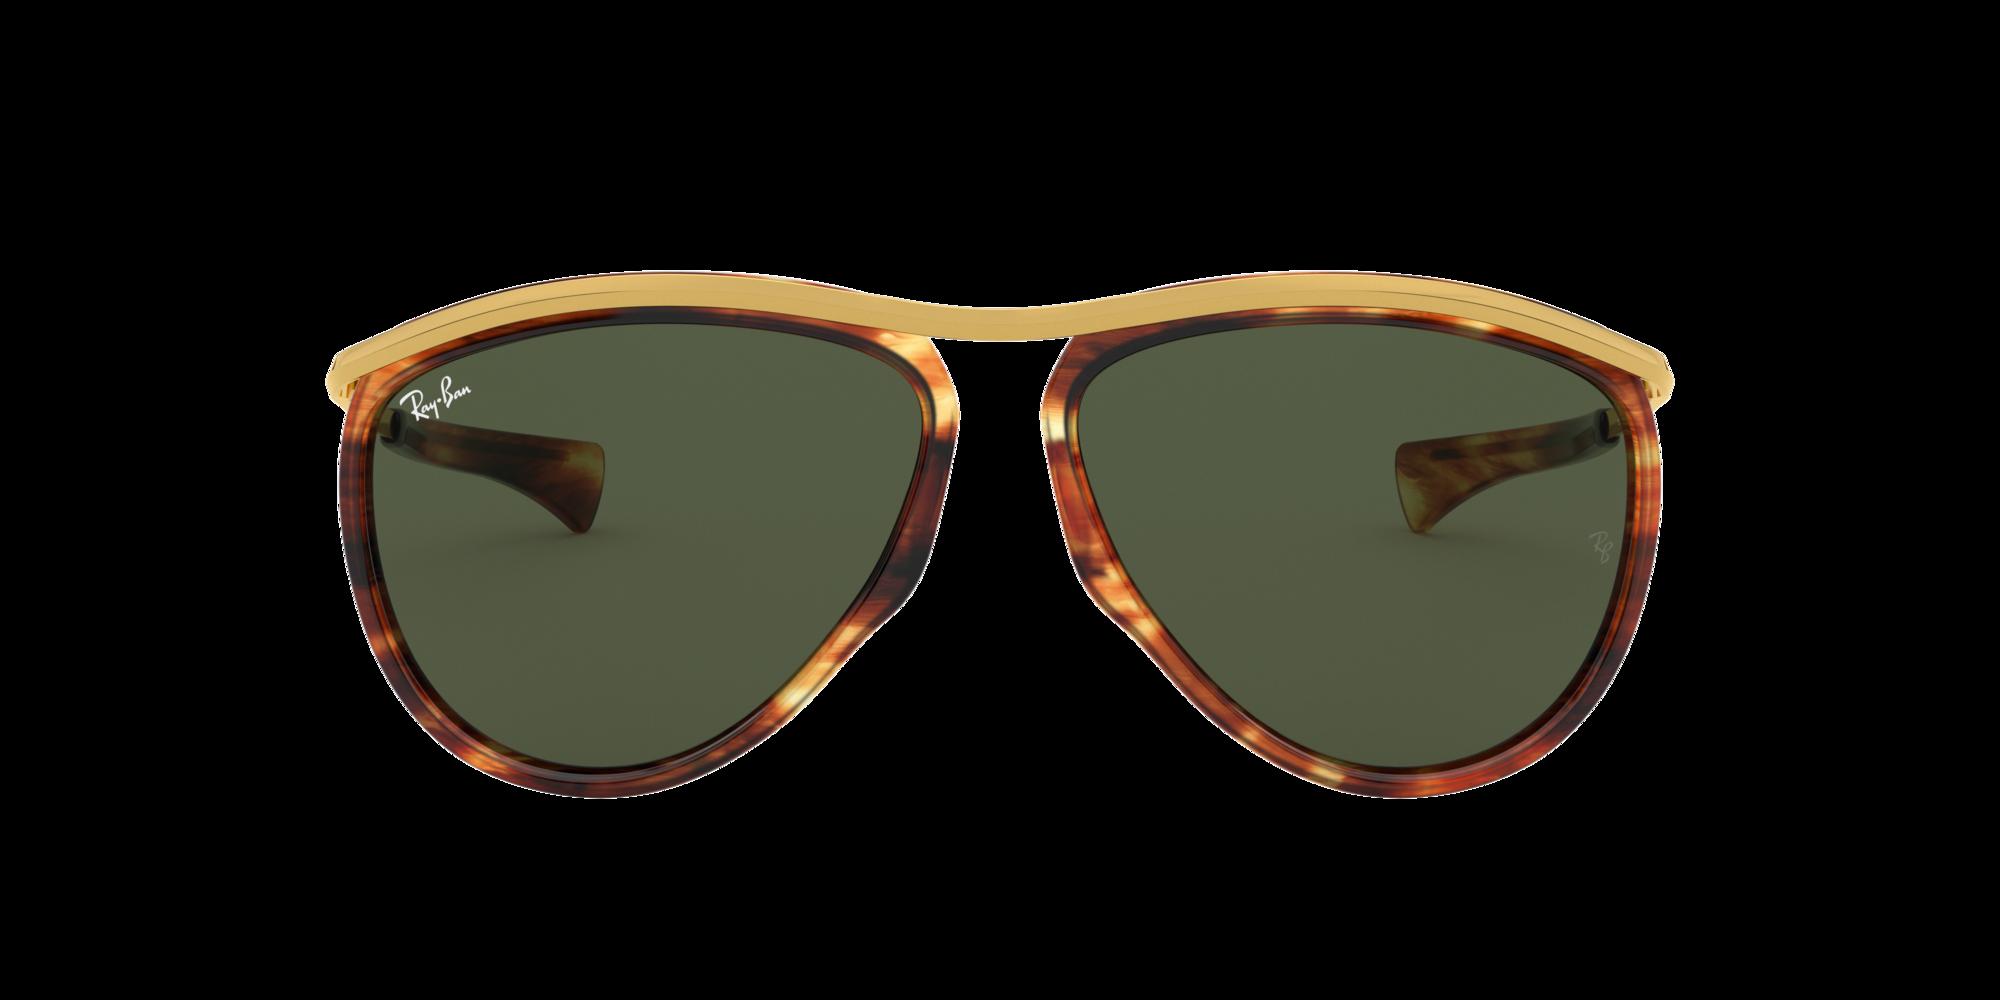 Imagen para RB2219 59 OLYMPIAN AVIATOR de LensCrafters |  Espejuelos, espejuelos graduados en línea, gafas